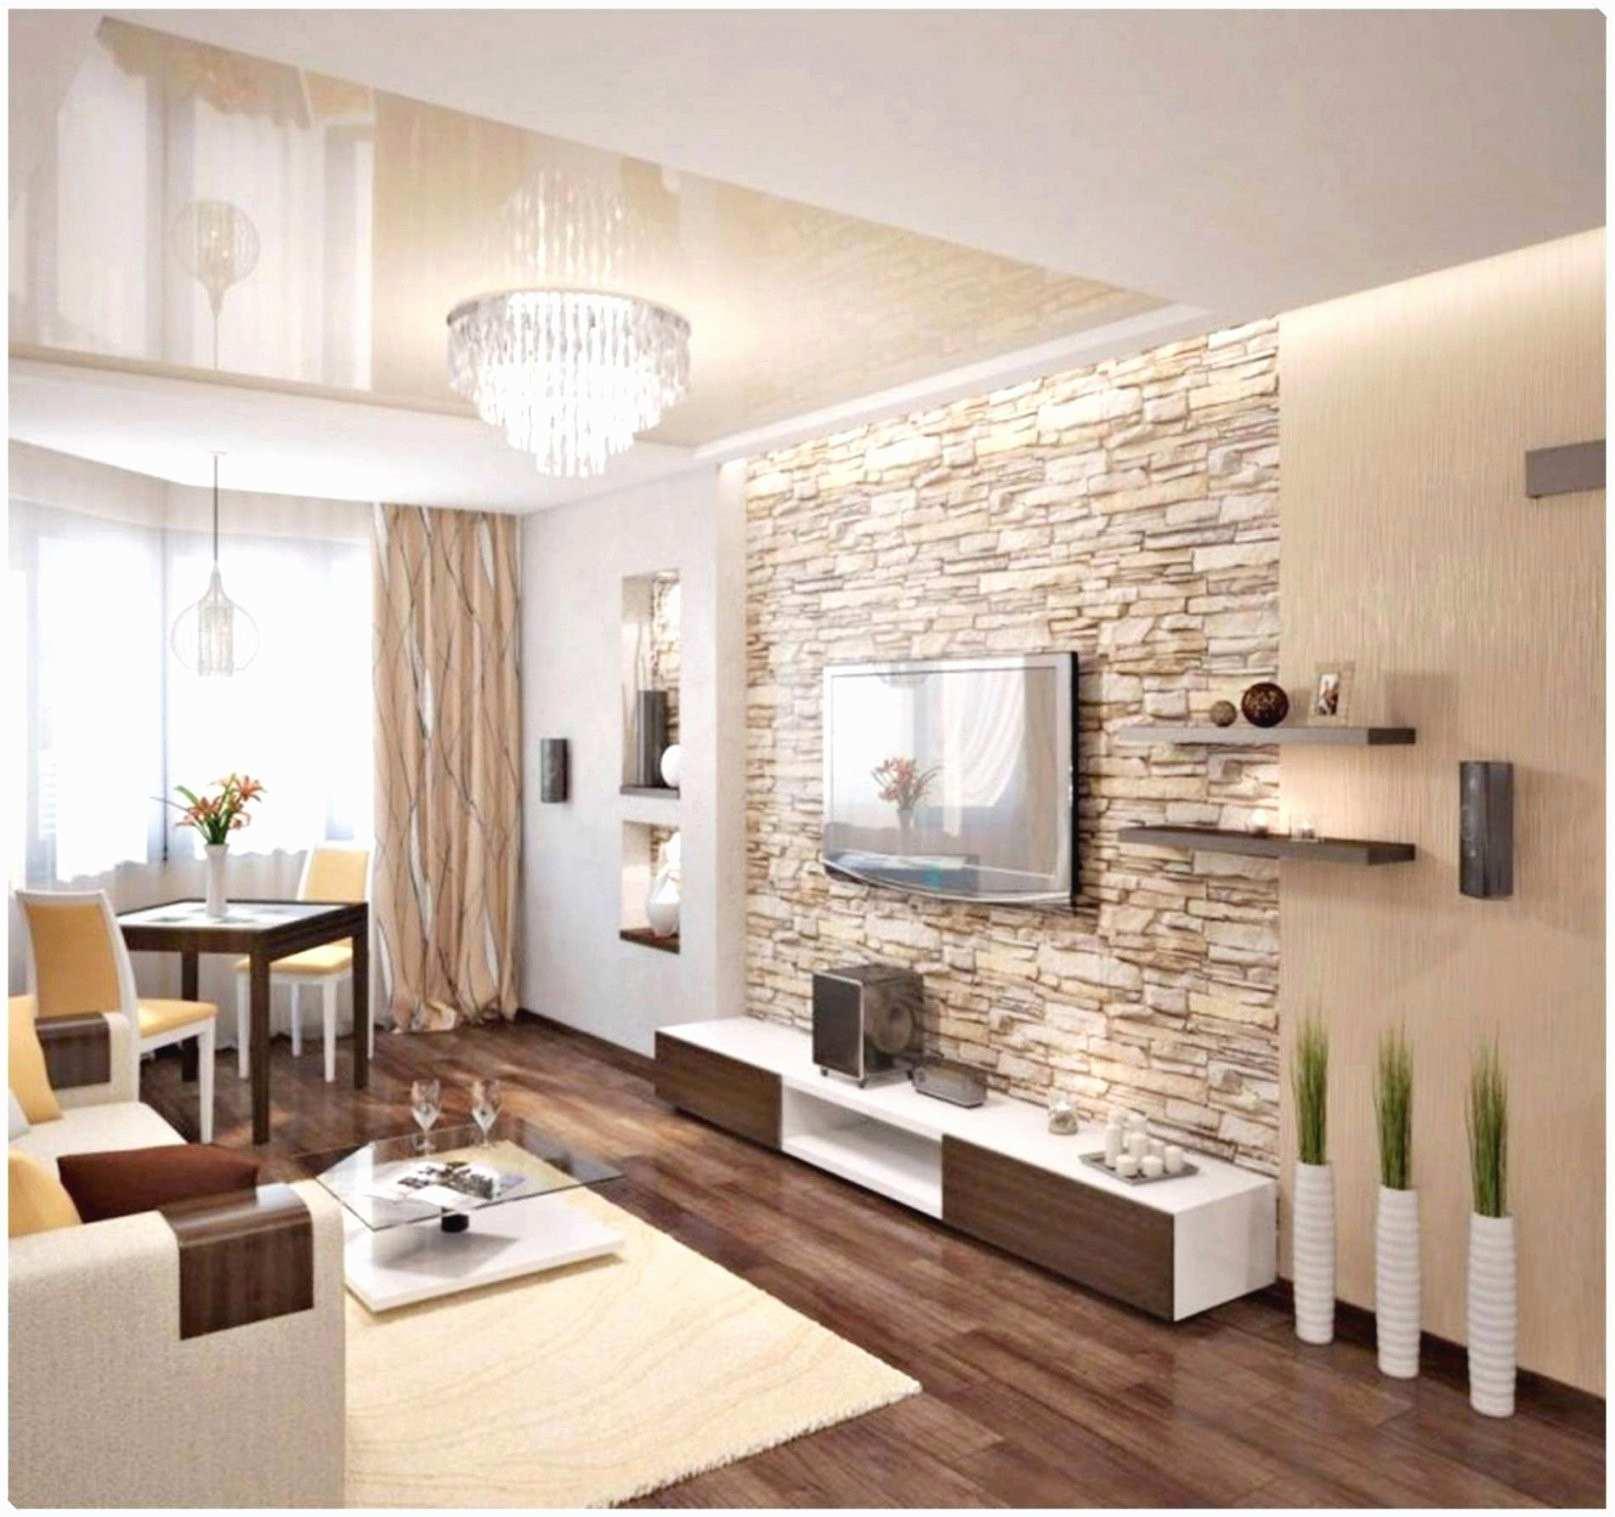 Full Size of Bogen Gardinen Wohnzimmer Inspirierend 40 Luxus Tipps Sessel Teppich Deckenleuchten Hängeschrank Weiß Hochglanz Deckenlampen Für Hängelampe Wohnzimmer Gardinen Dekorationsvorschläge Wohnzimmer